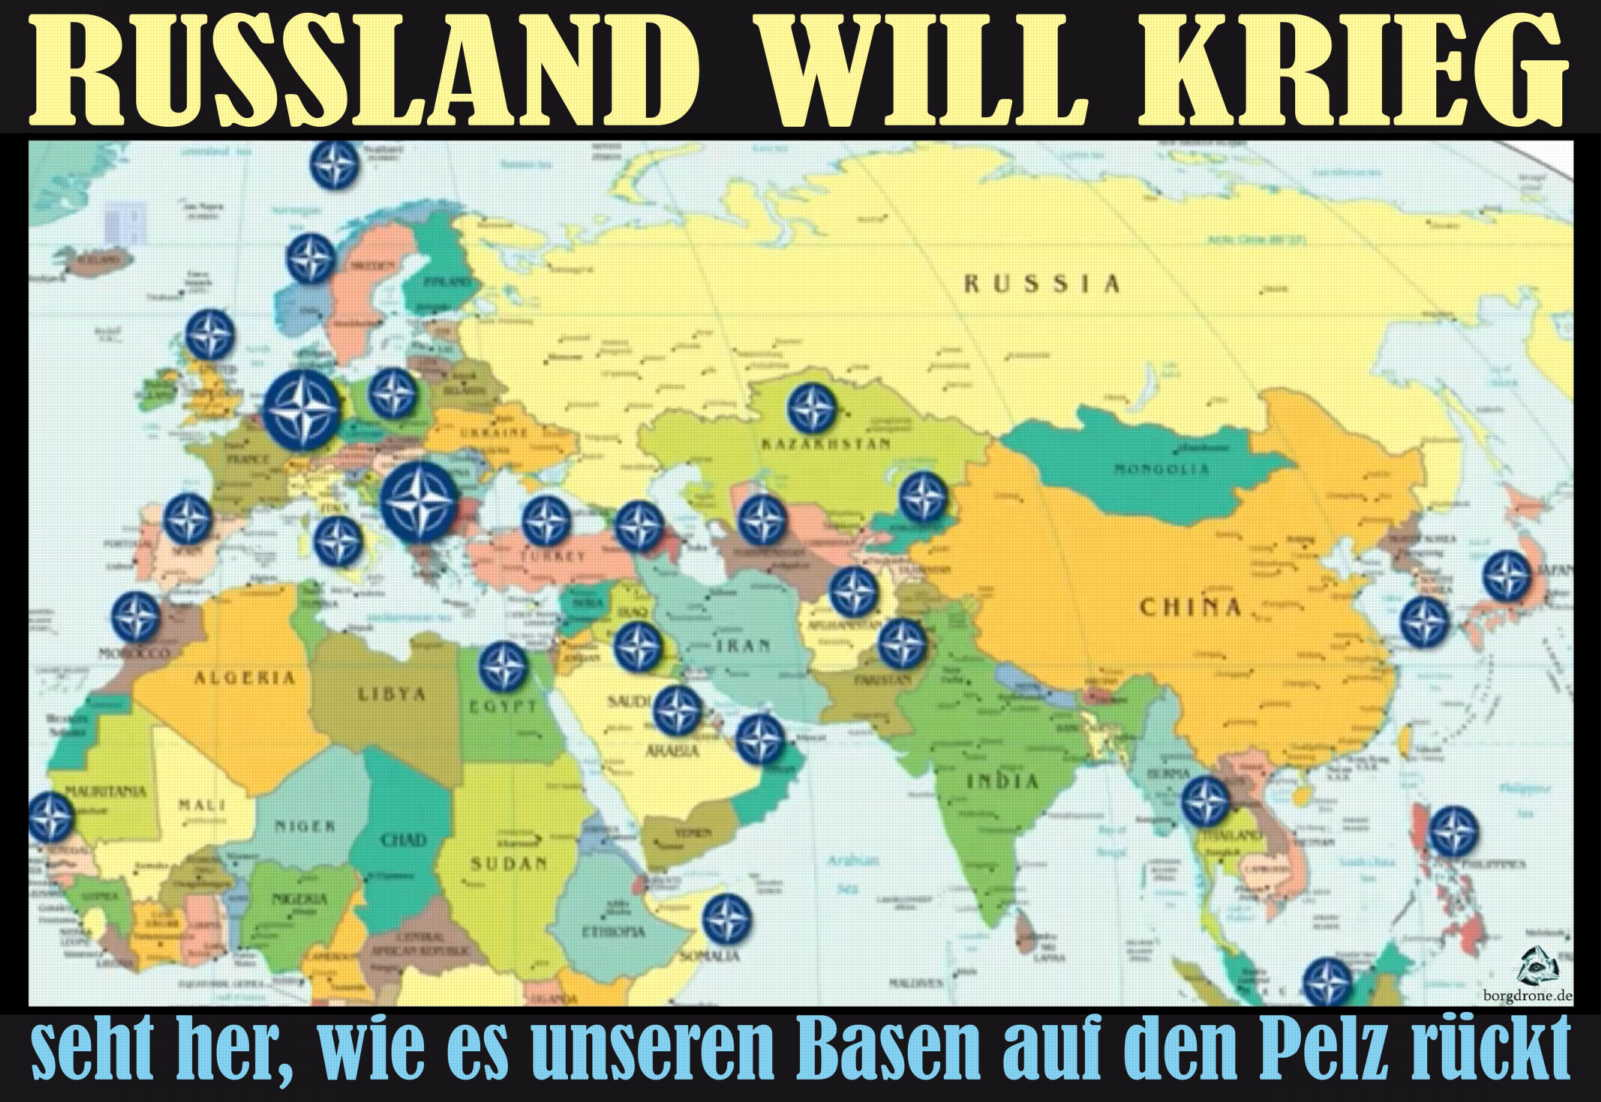 russland will krieg friedenshetzer us basen bedroht verteidigungskrieg humanitaere mission intervention qpress